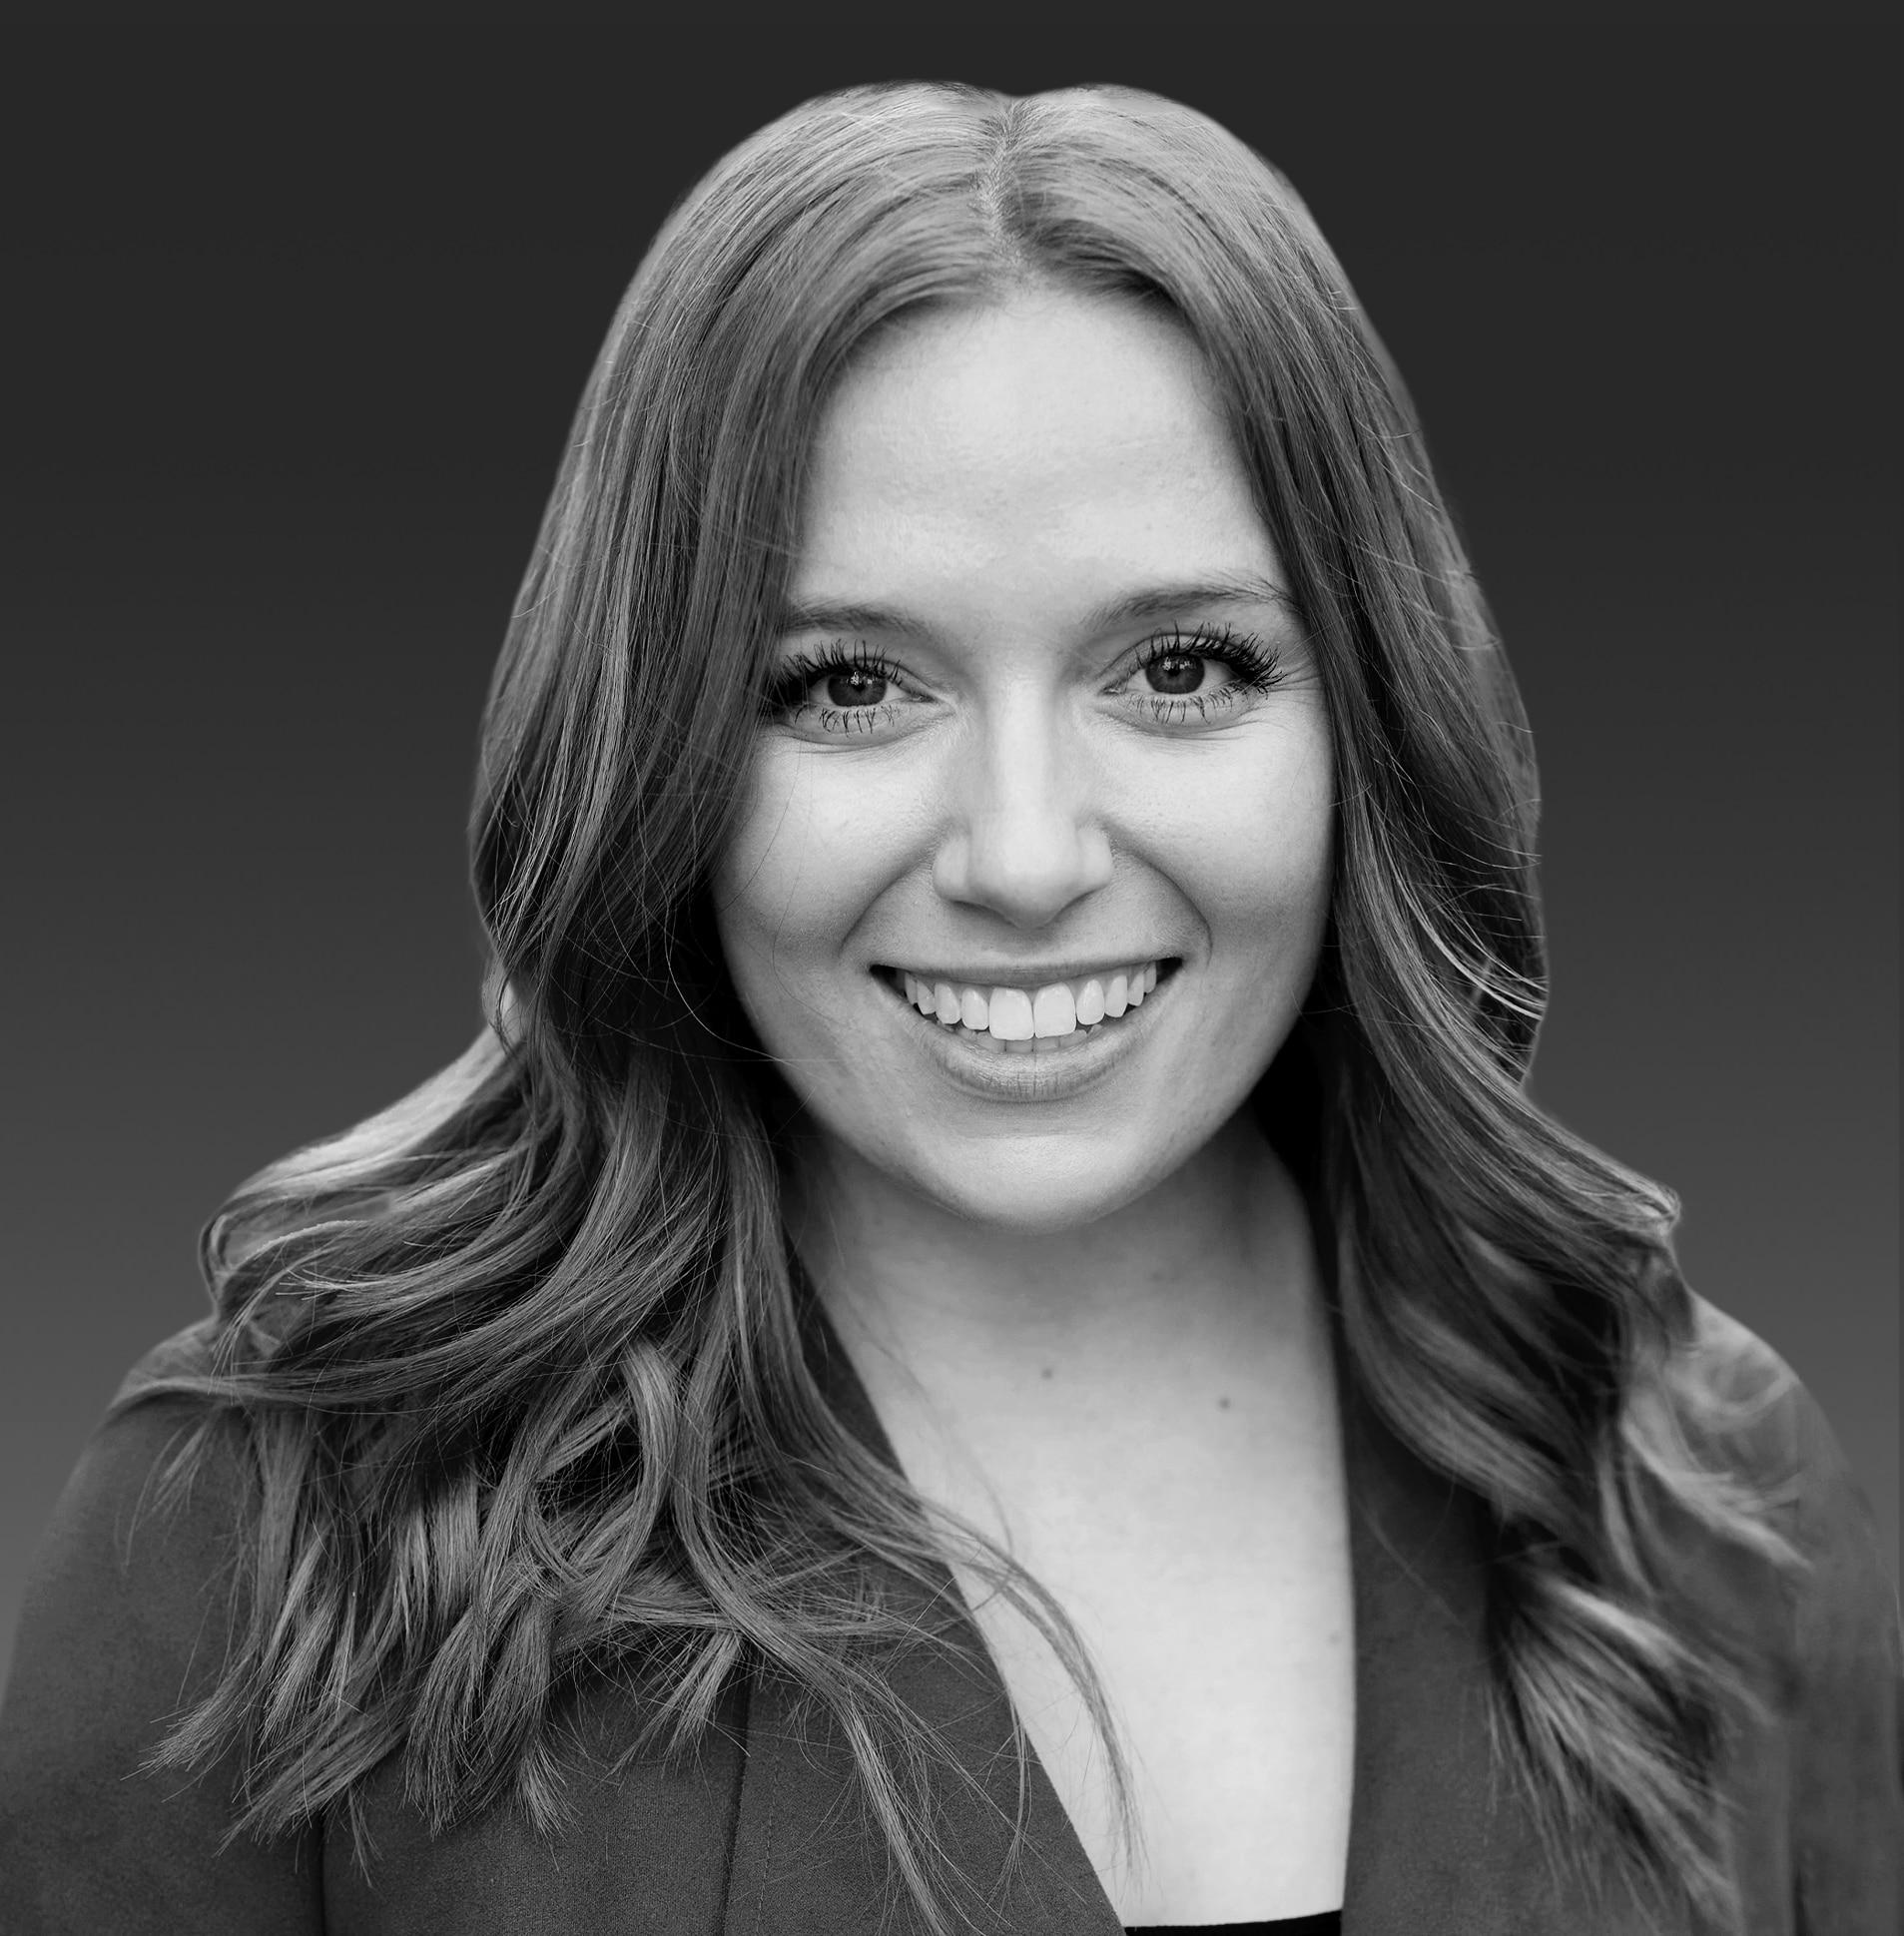 Allison McHugh